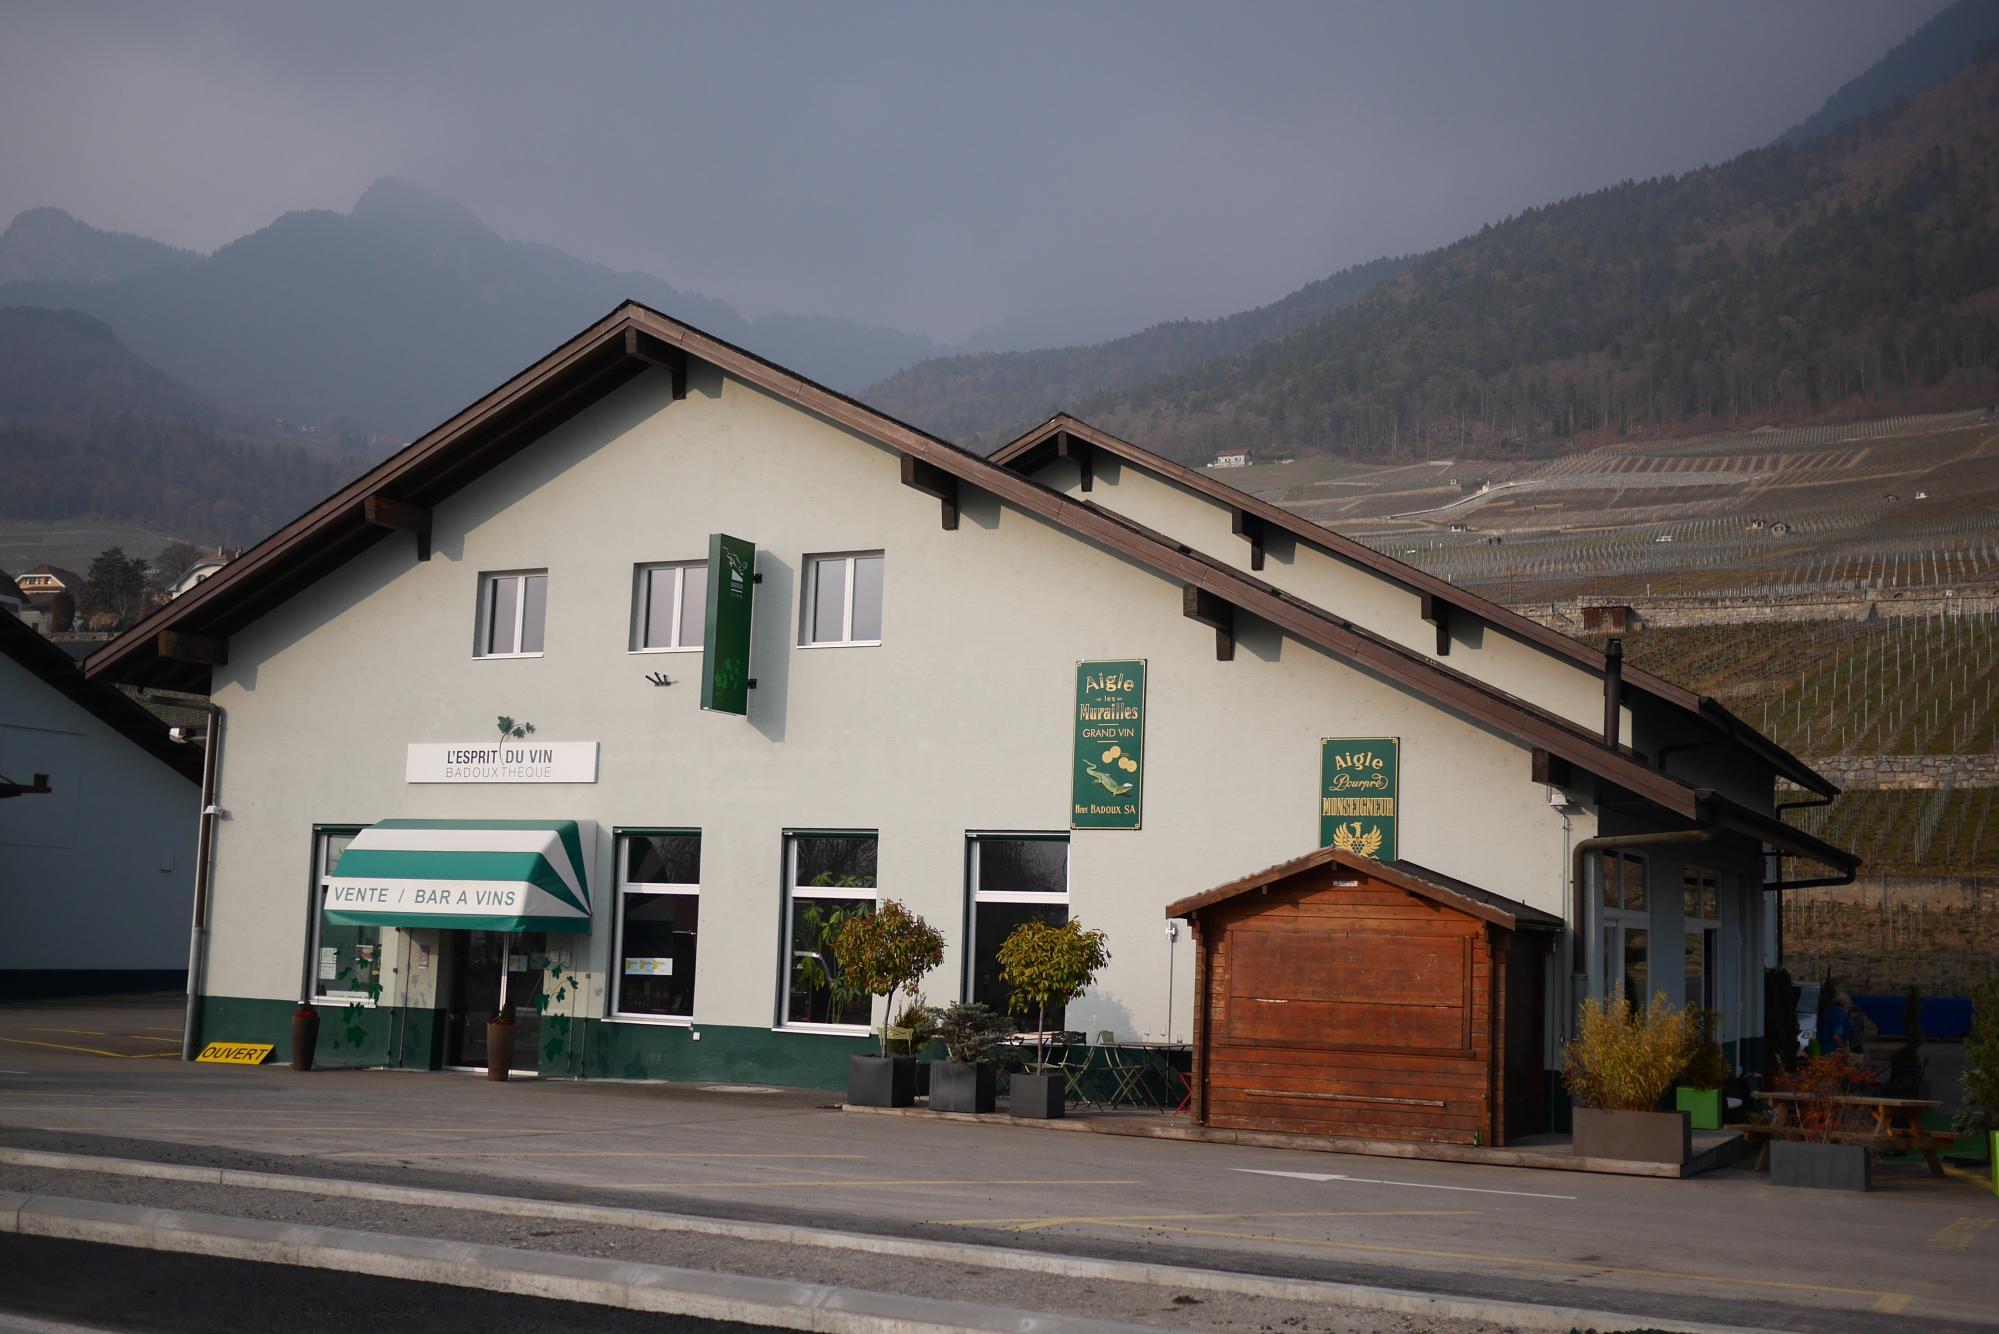 Badoux vins sa villars gryon les diablerets bex suisse - Office tourisme diablerets ...